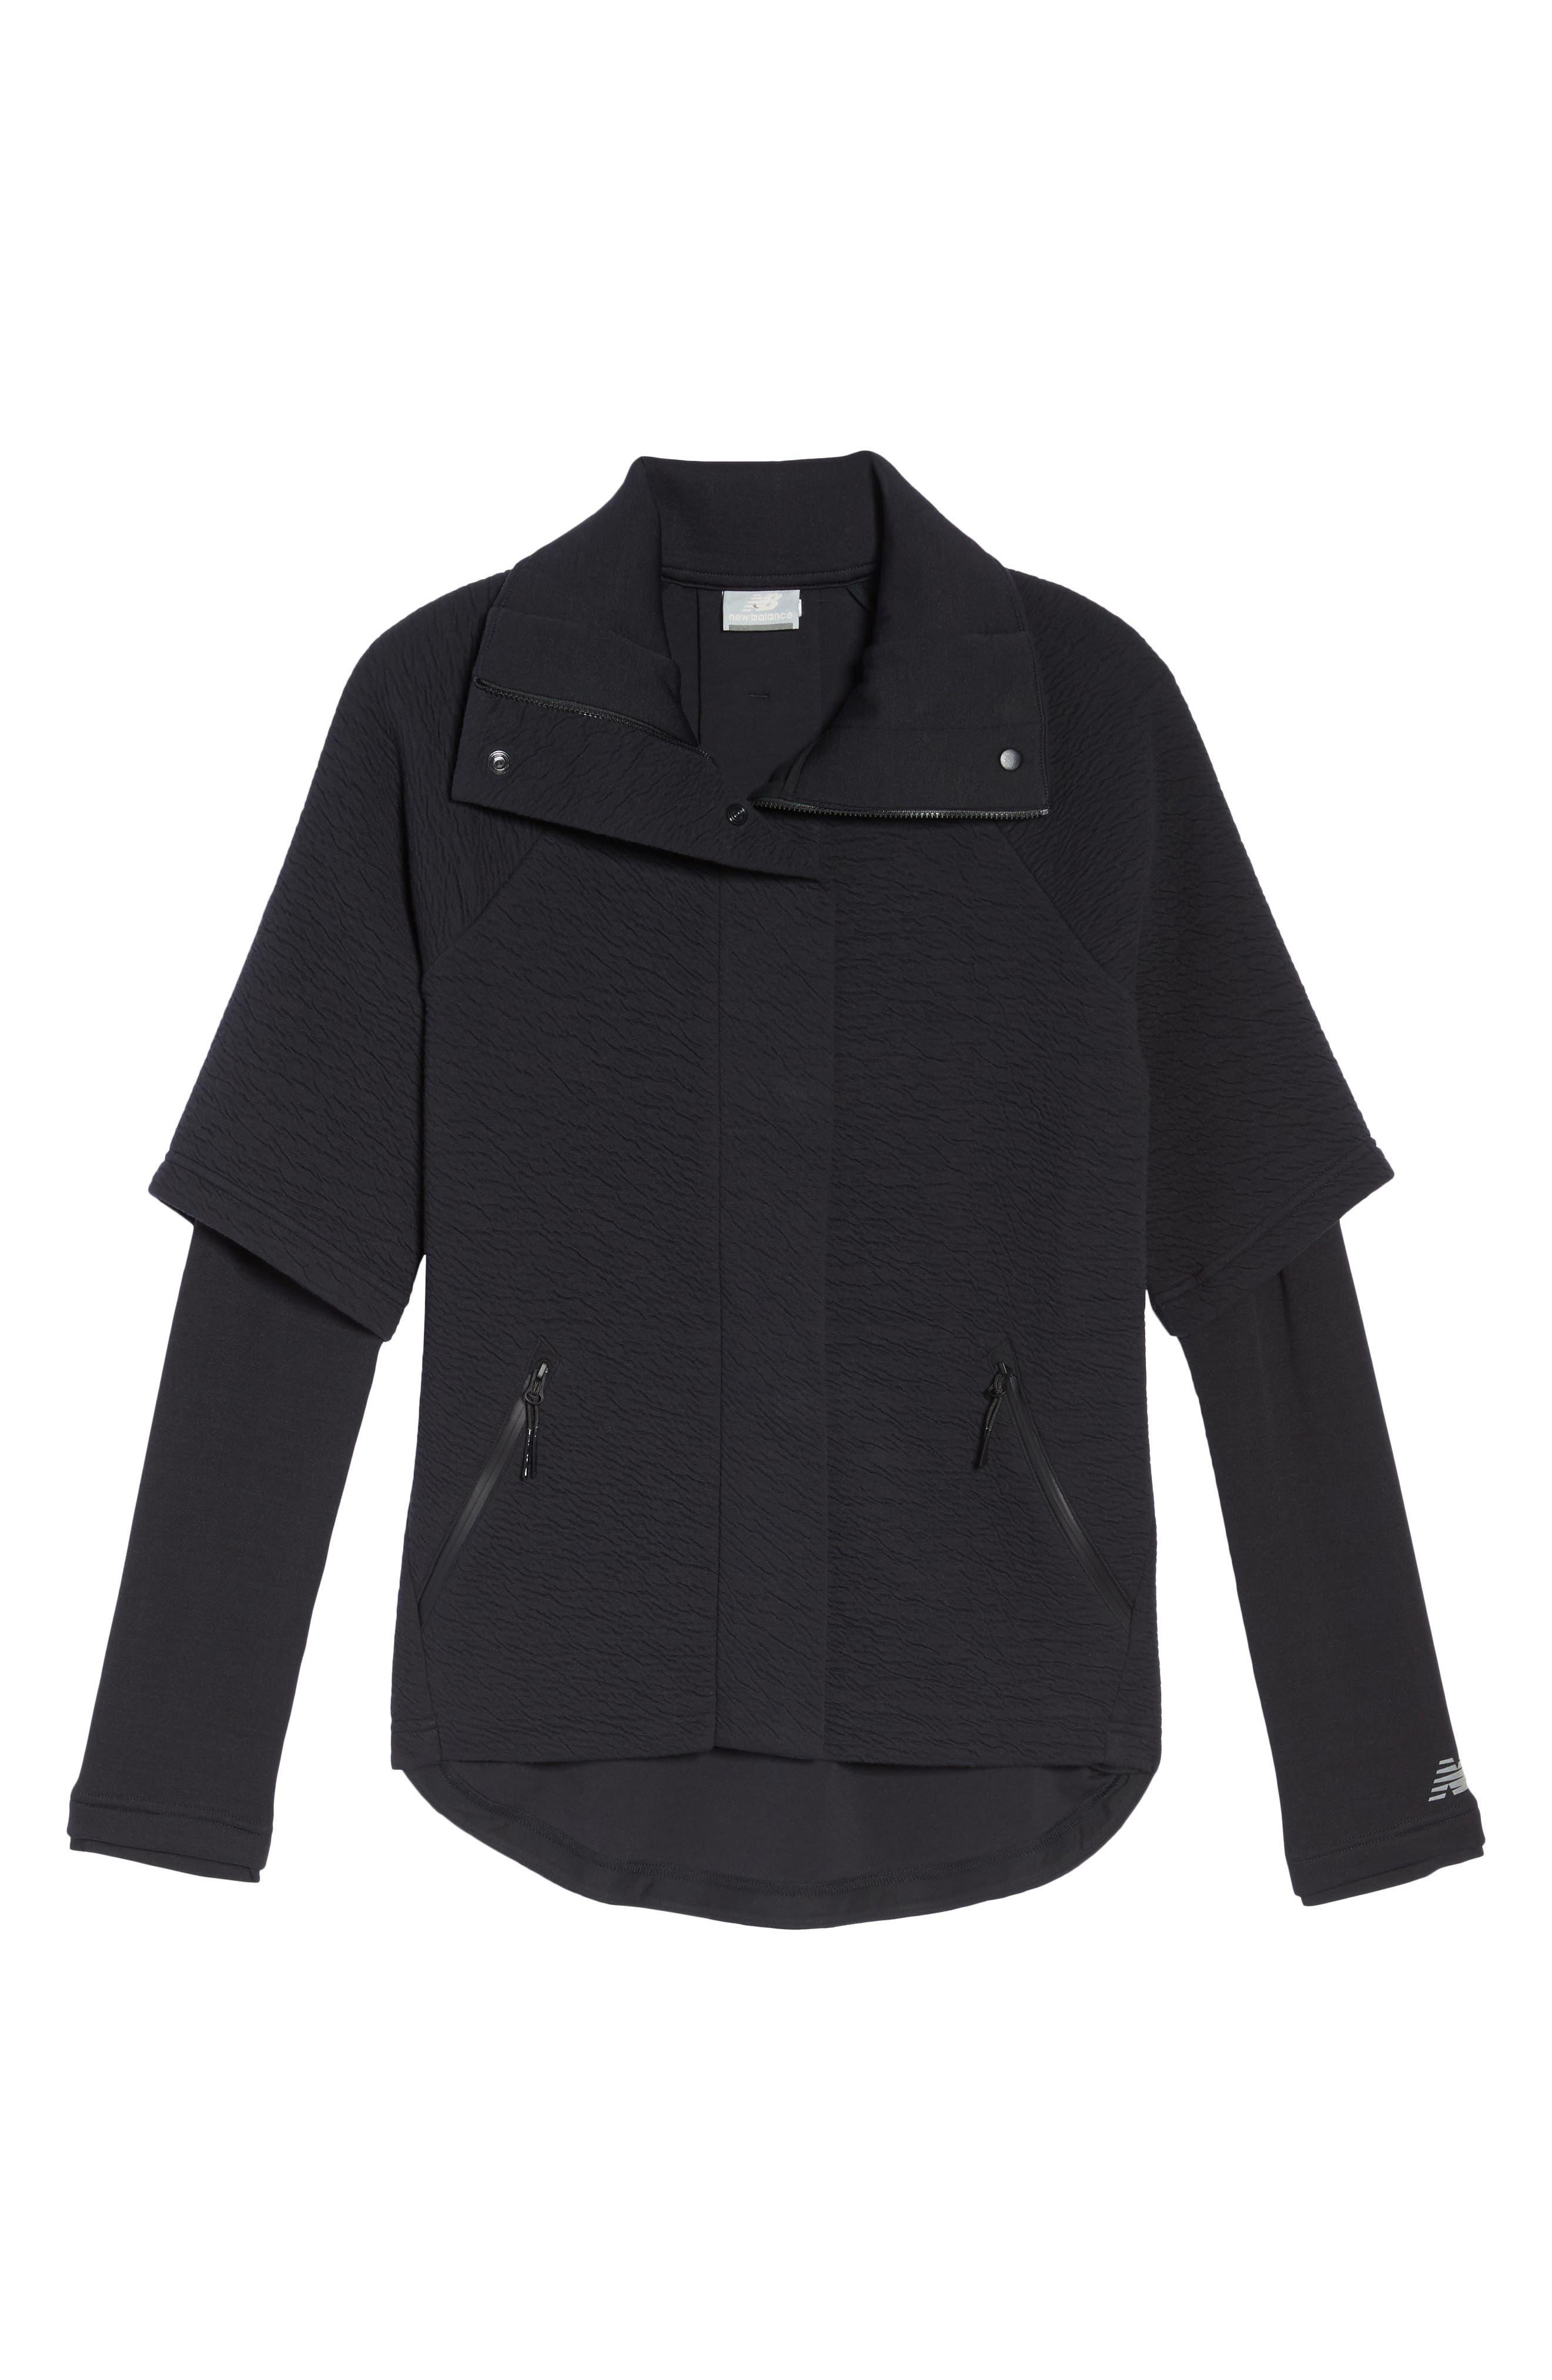 Heat Knit Drape Jacket,                             Alternate thumbnail 7, color,                             Bk